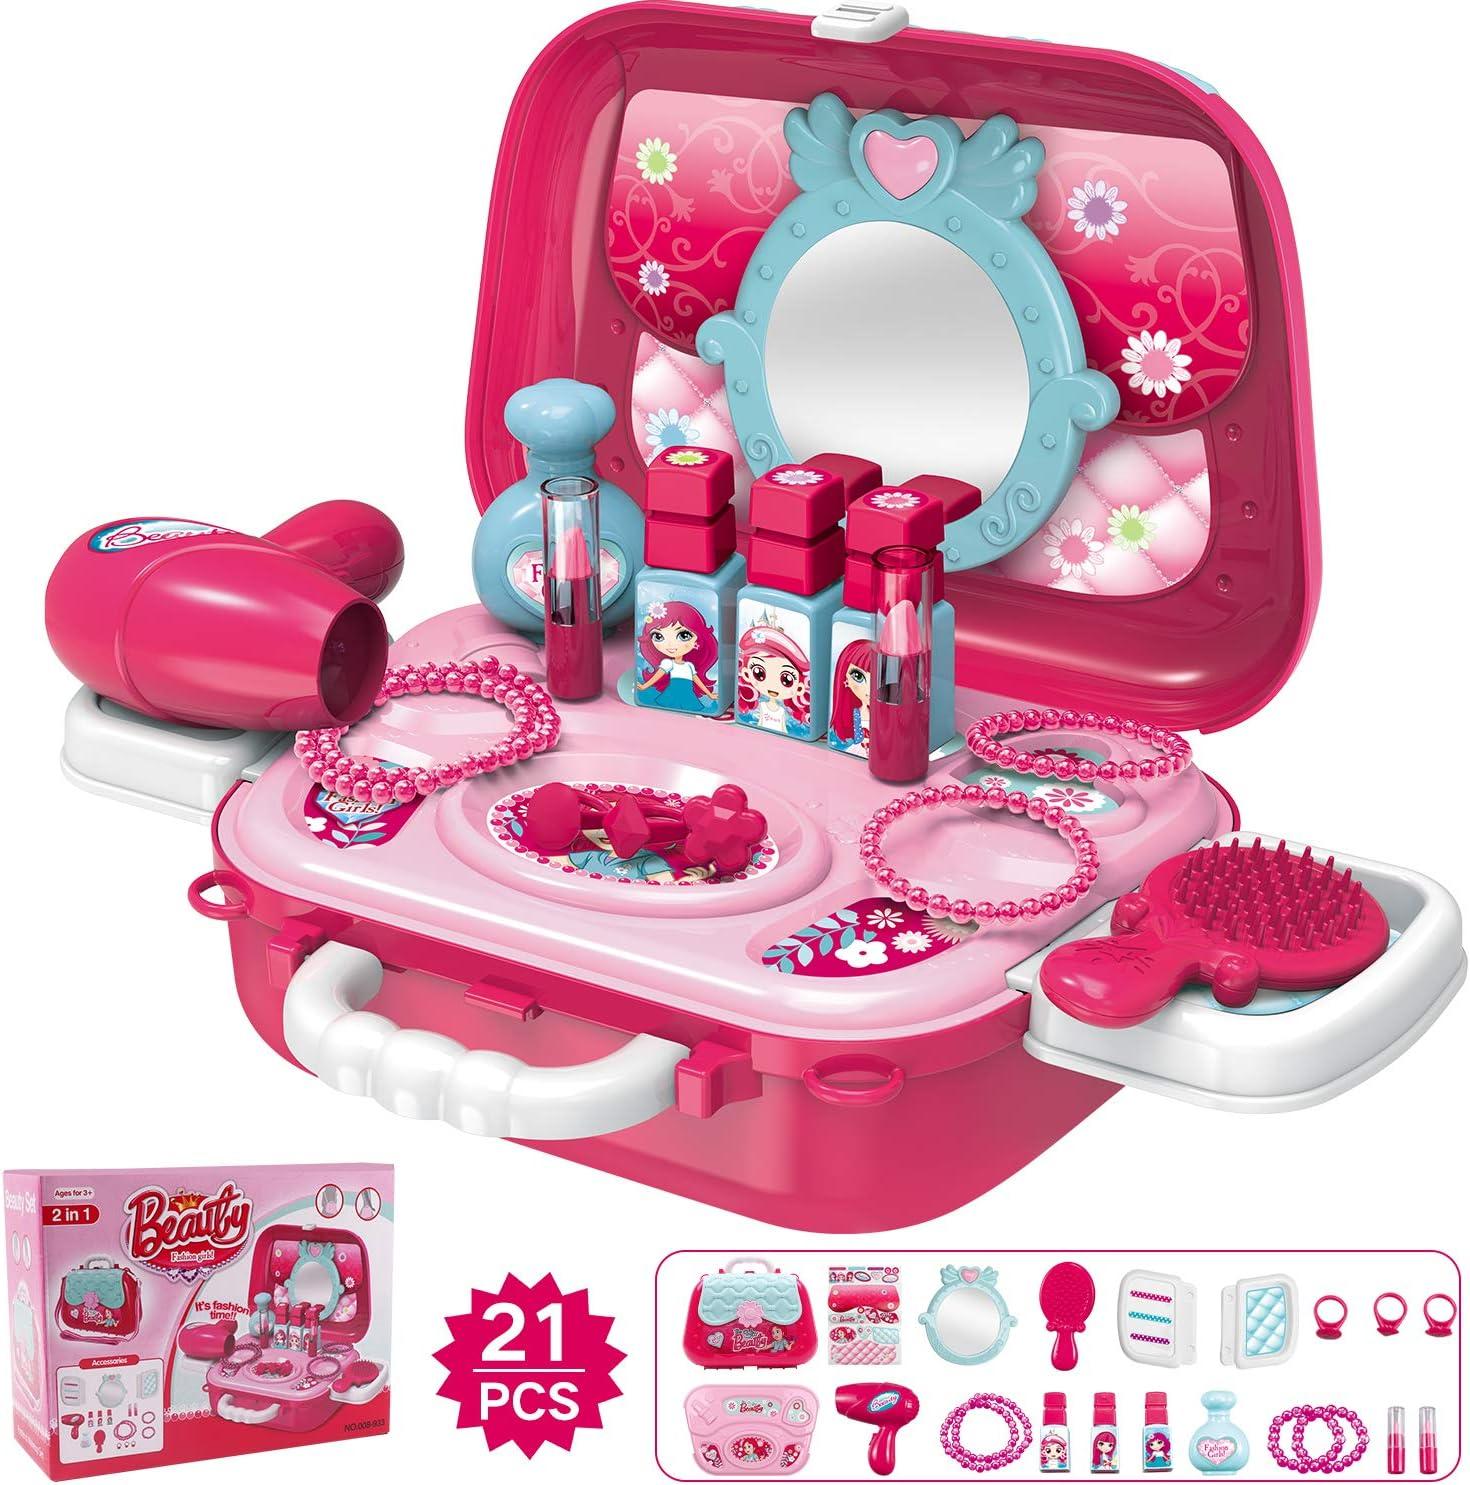 Hiveseen Maletin De Belleza y peluqueria Juguete de joyería Set con Accesorios para niñas 3 años